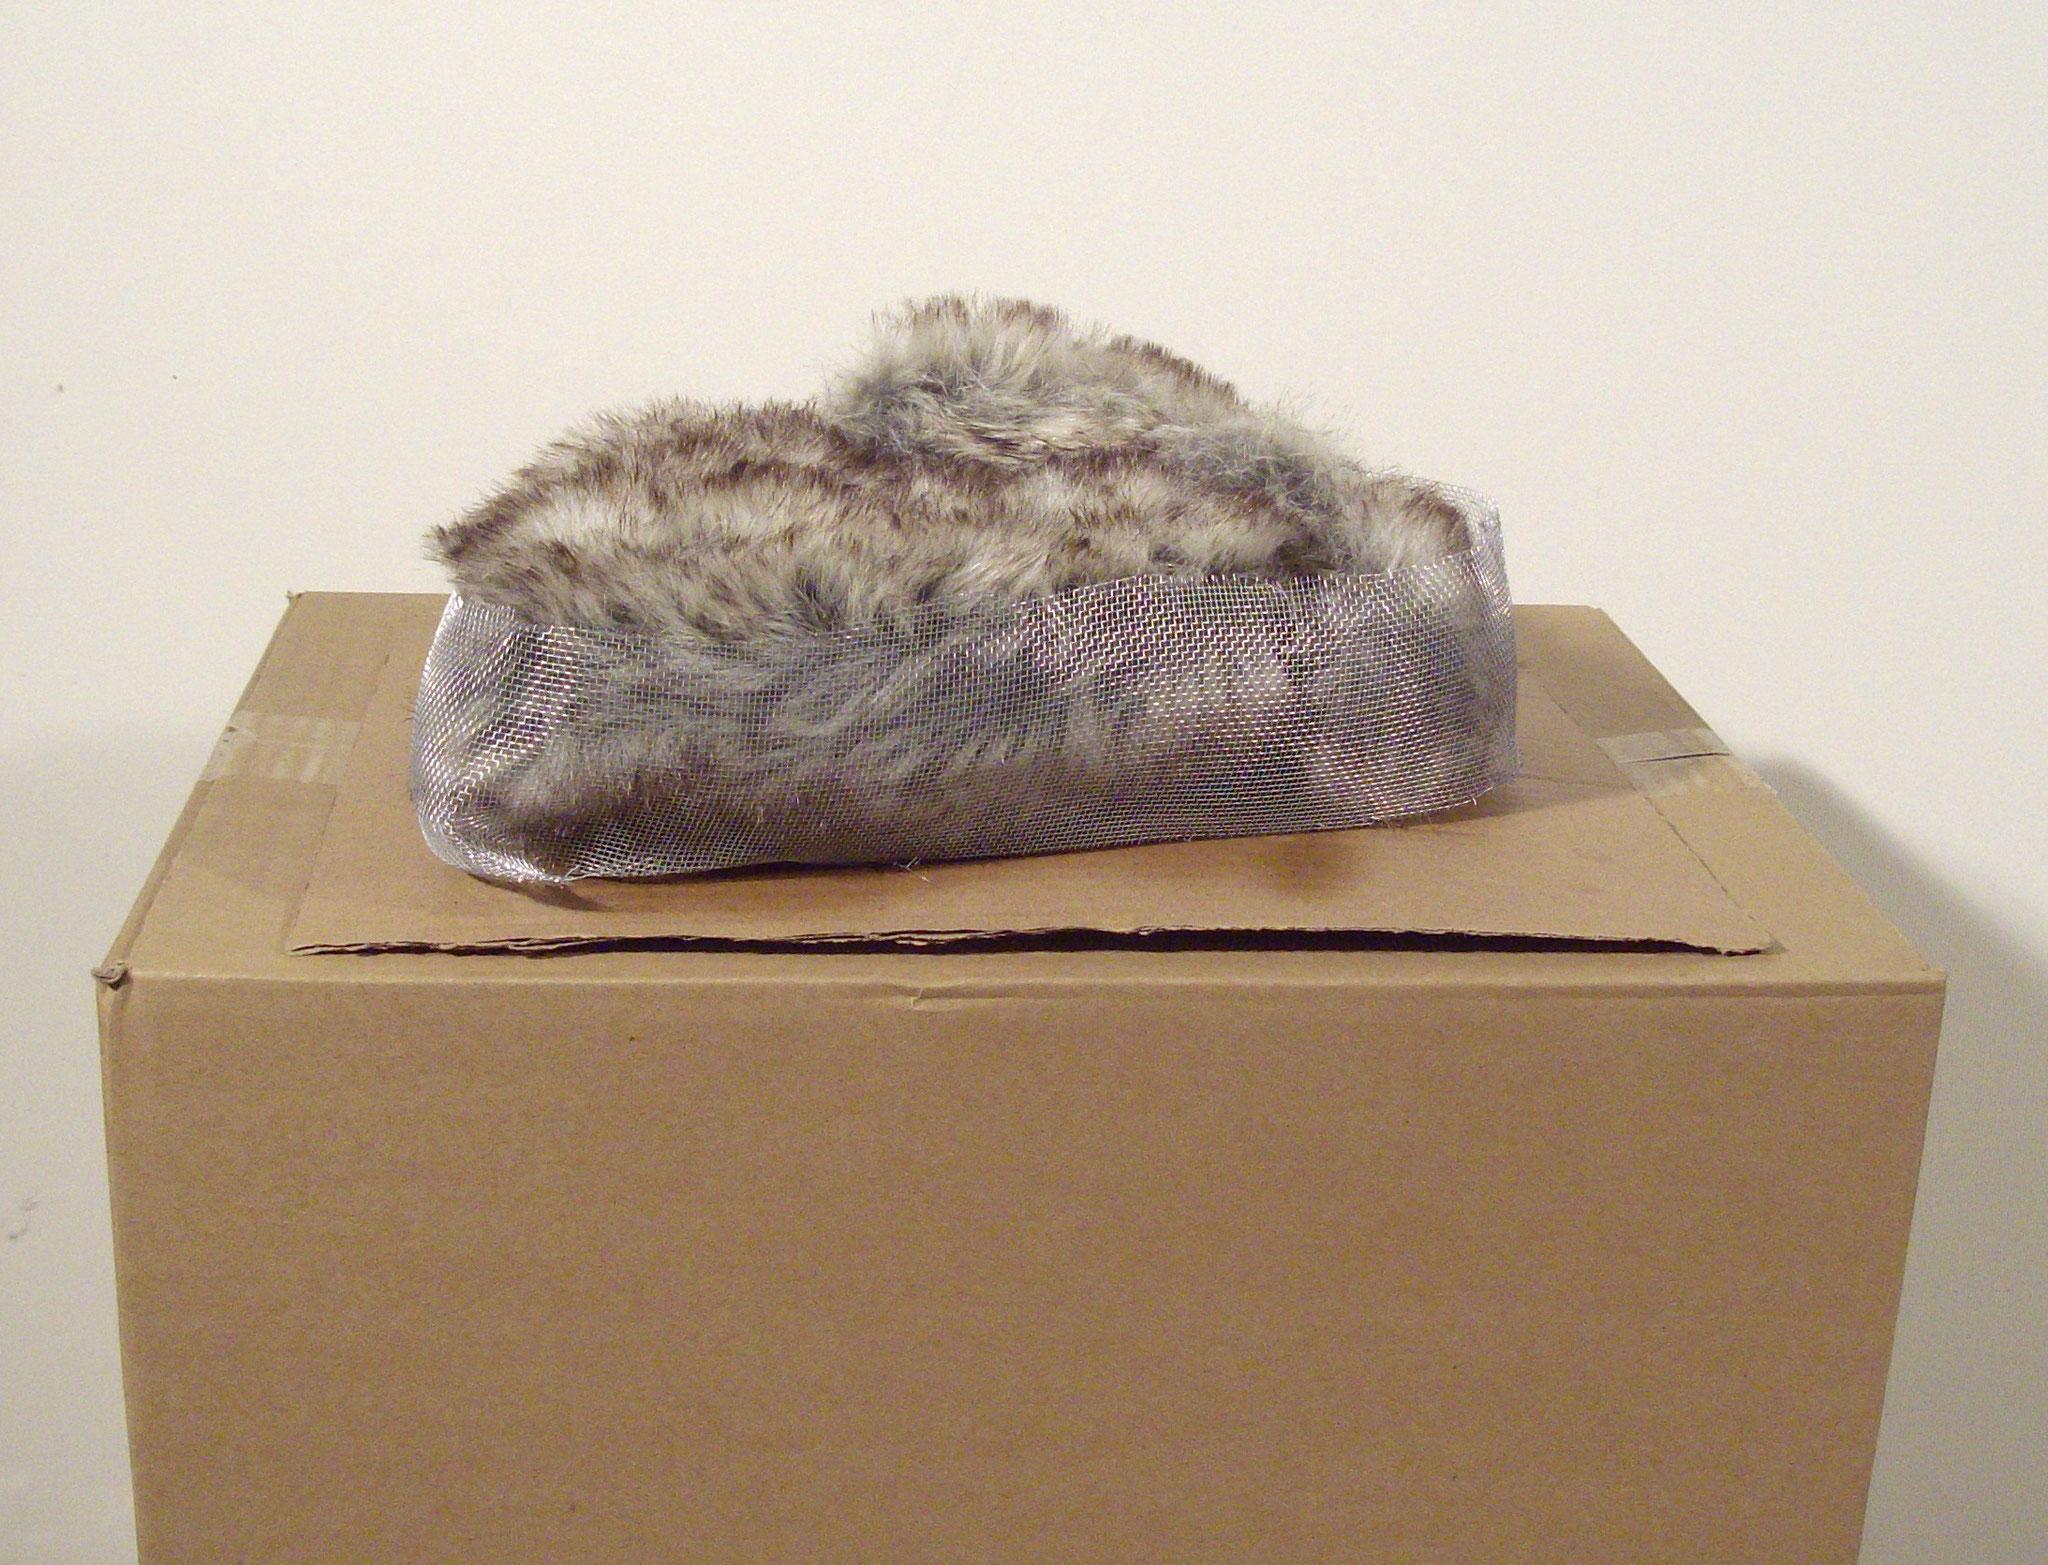 Ohne Titel / Kunstfell, Maschendraht auf Karton / 13 cm x 32,5 cm x 25,5 cm / 2010 / MWV S001